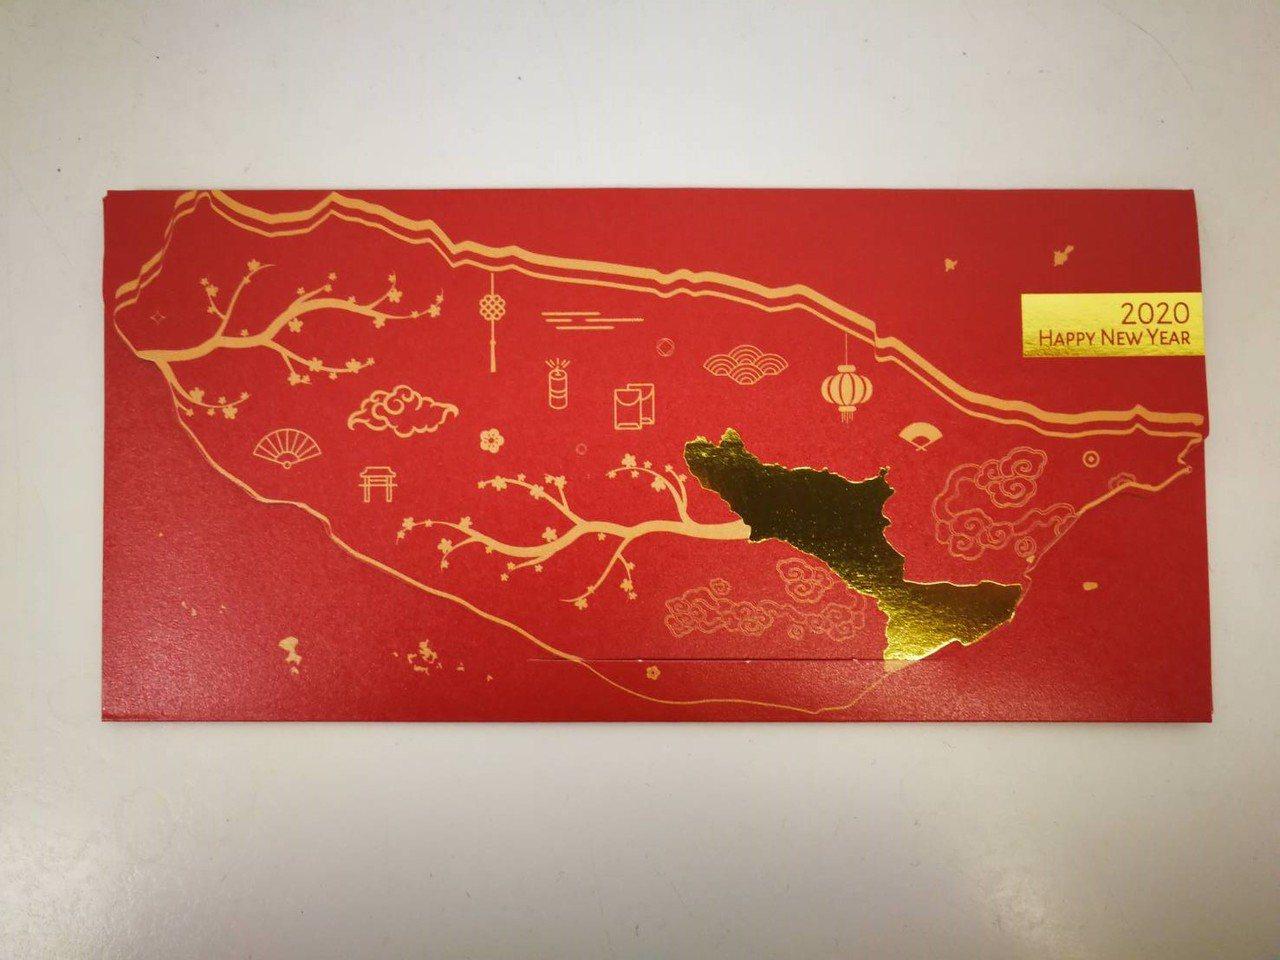 高雄市政府製作32萬份市長小紅包,要給民眾滿滿的祝福。圖/高雄市經發局提供